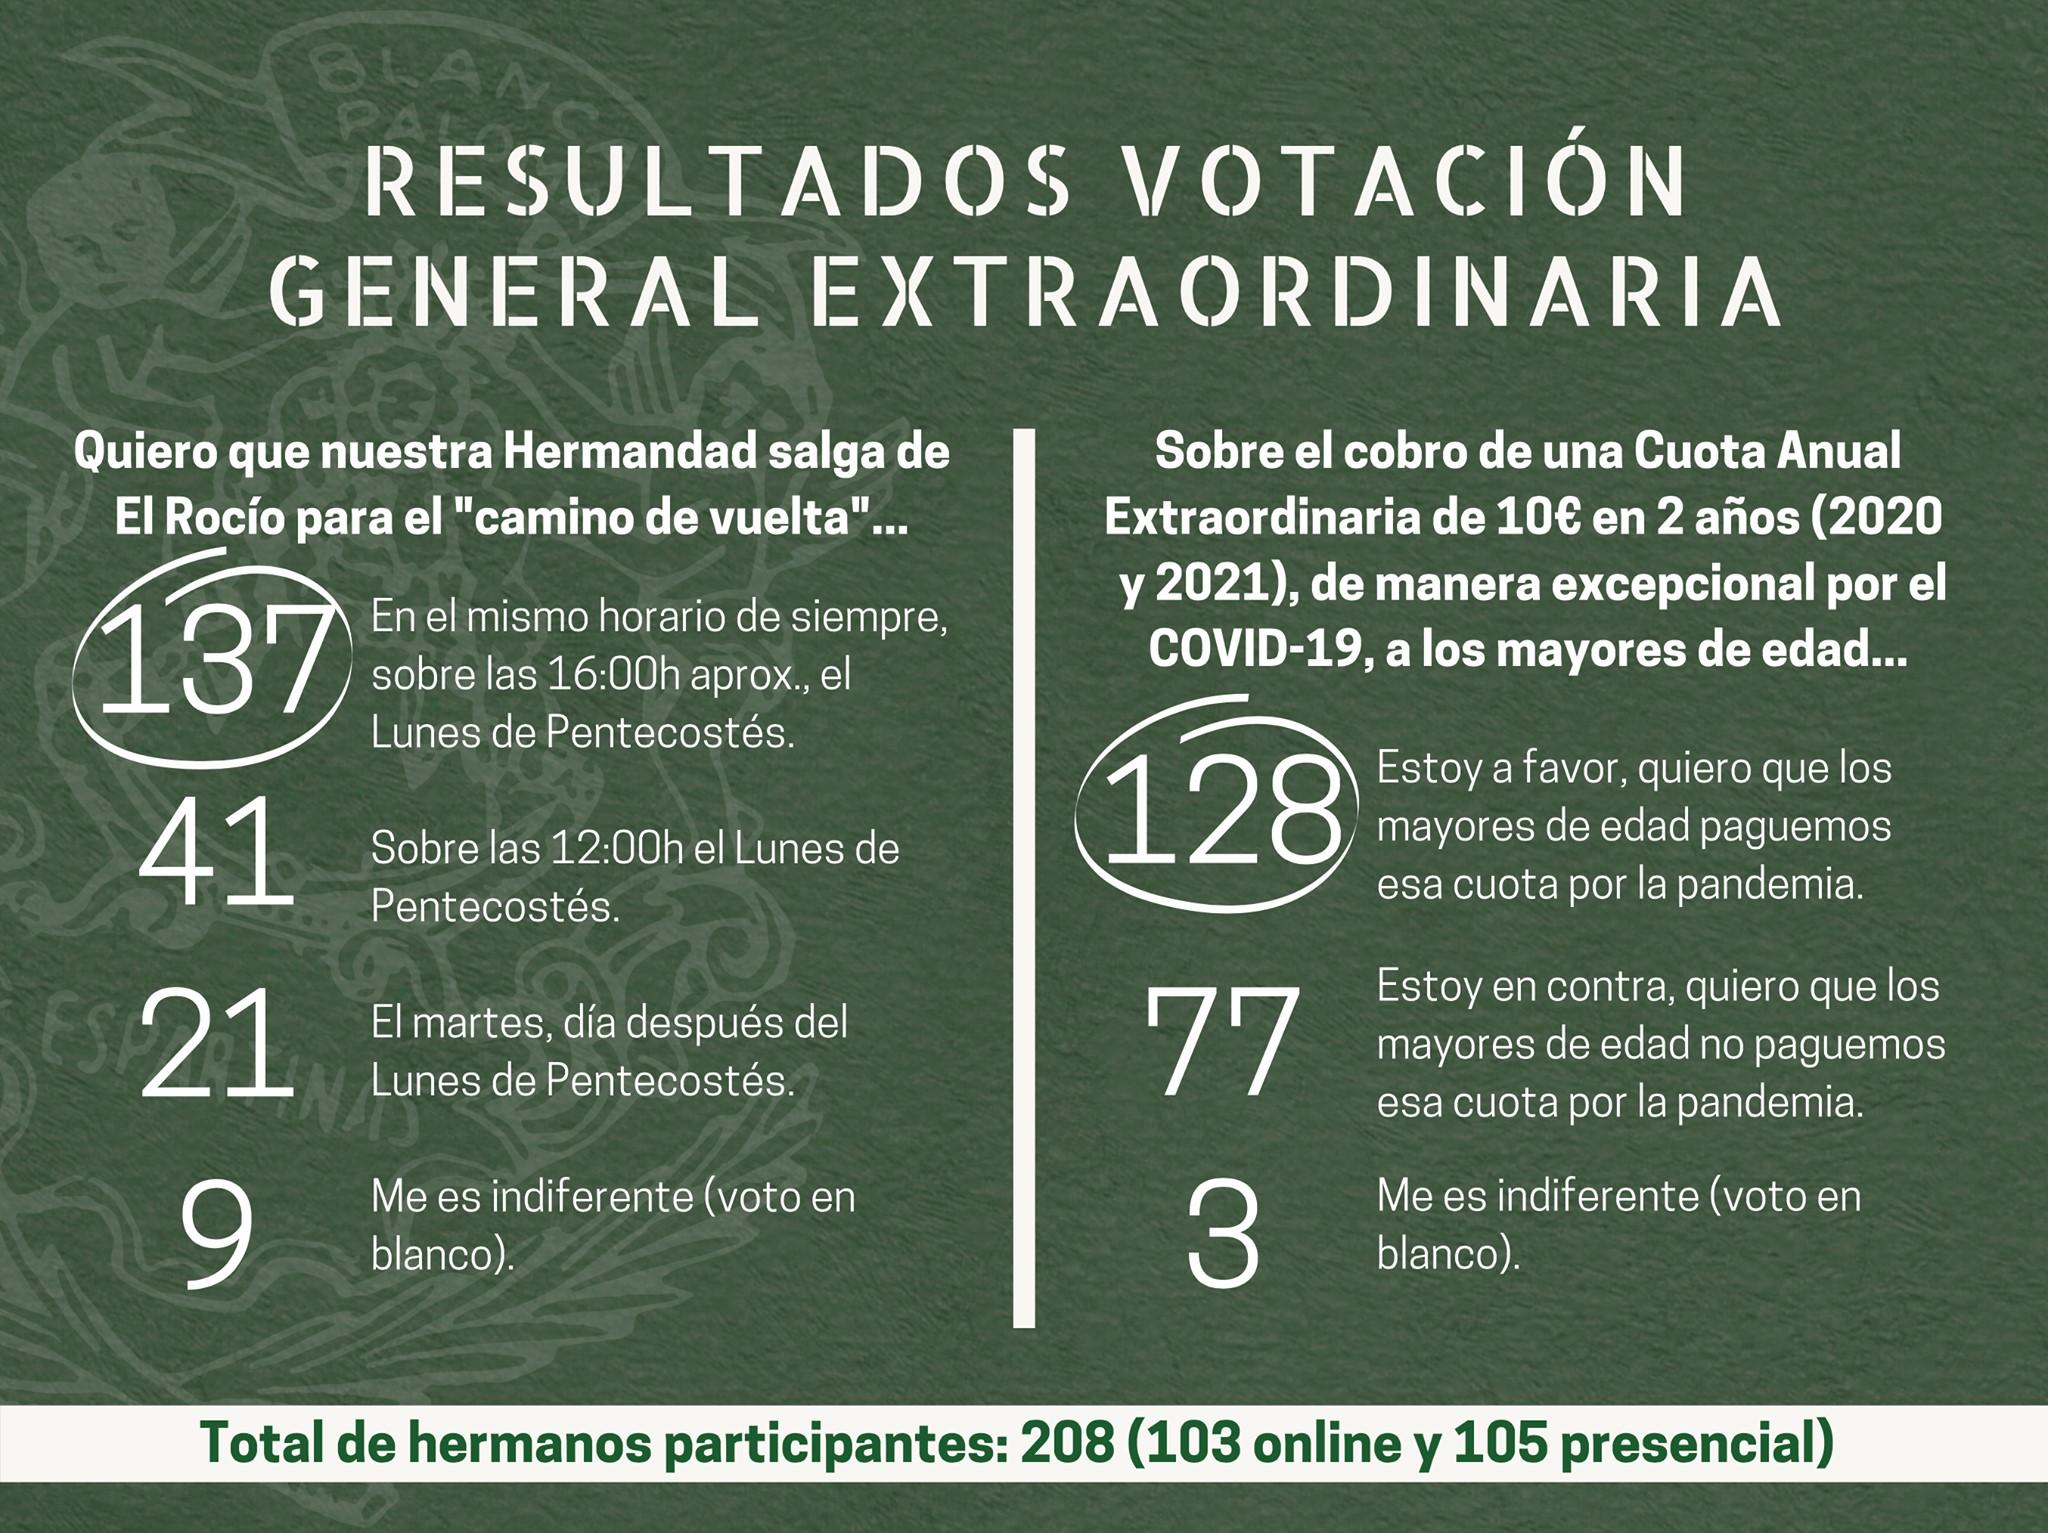 Resultados Votacion General Extraordinaria noviembre 2020